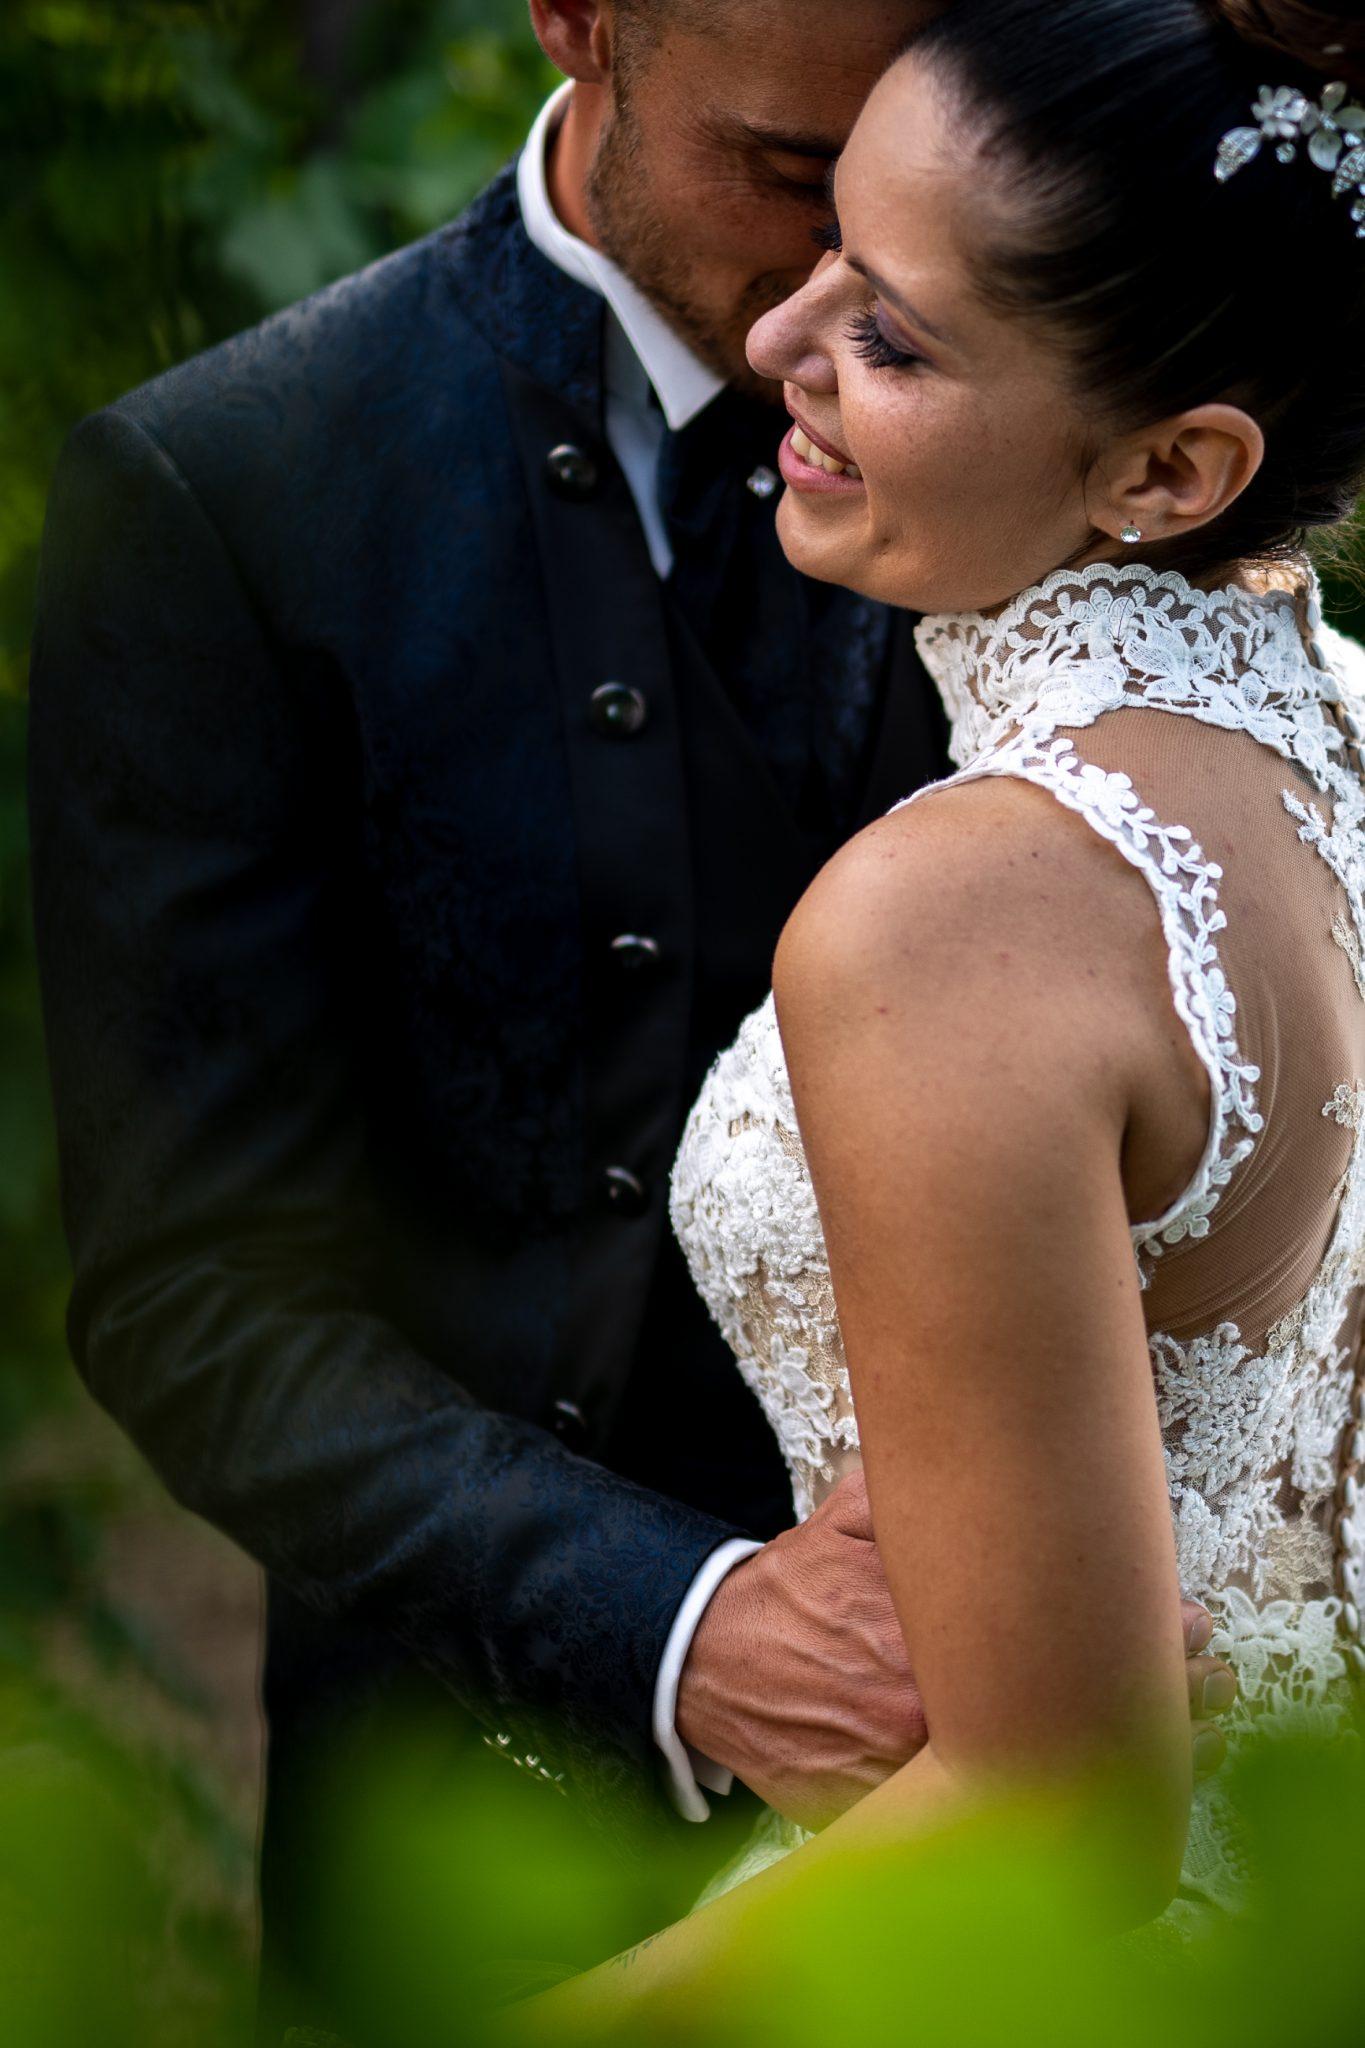 gli sposi nel giardino si abbracciano e sorridono